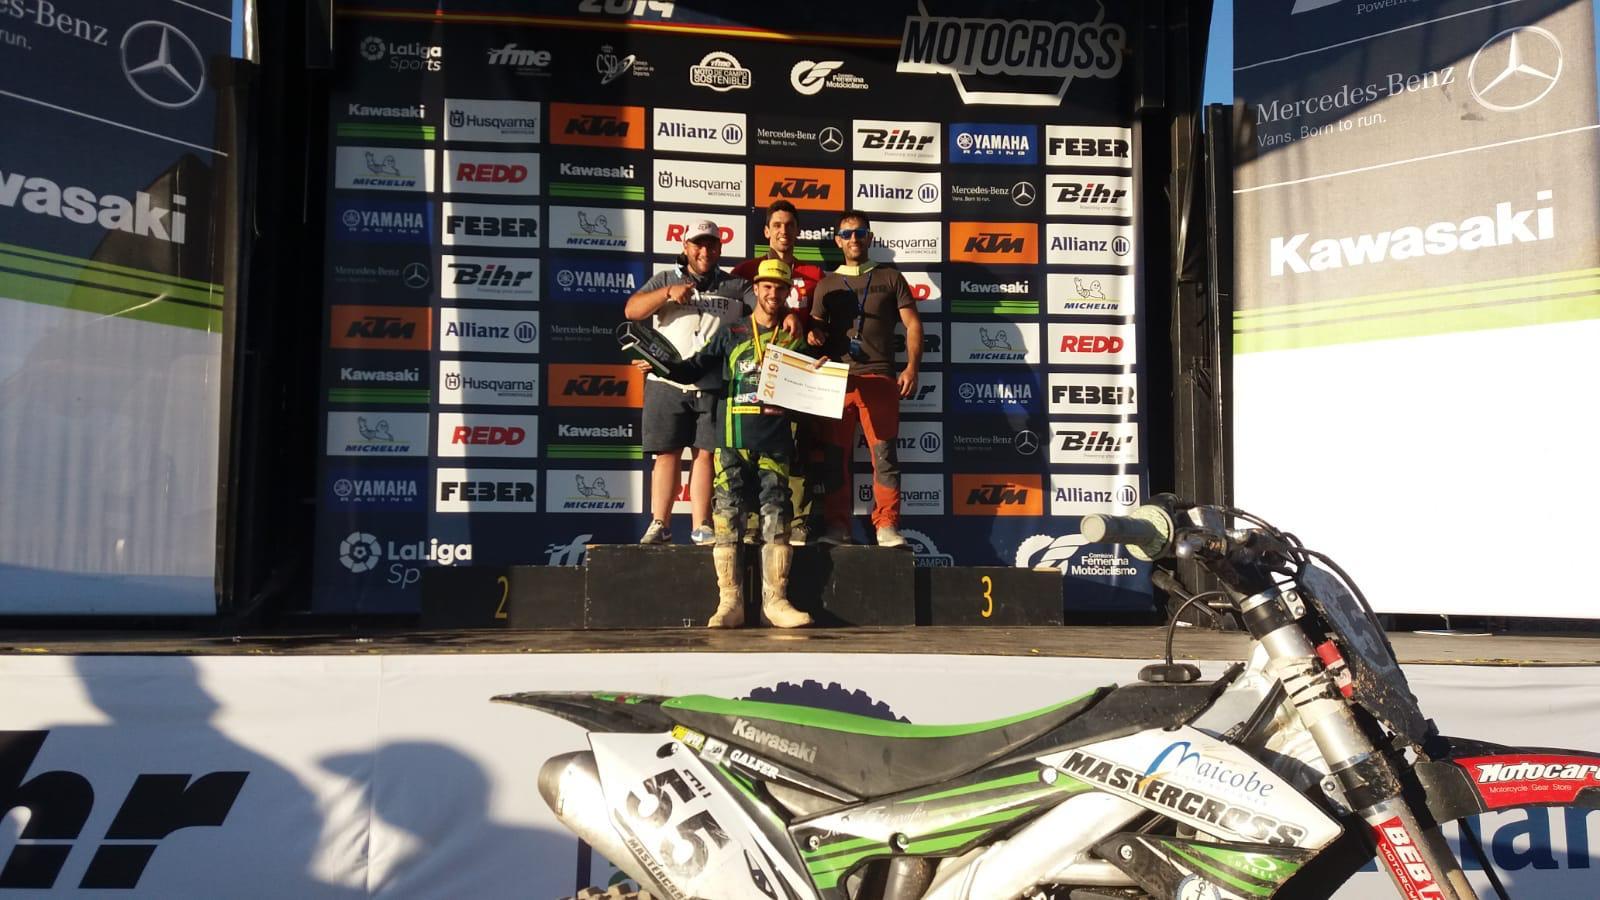 Eduardo Esteban, el  Campeón de la Copa Kawasaki Team Green Cup de Motocross, participará en el Trofeo Ciudad de Segovia de Motocross